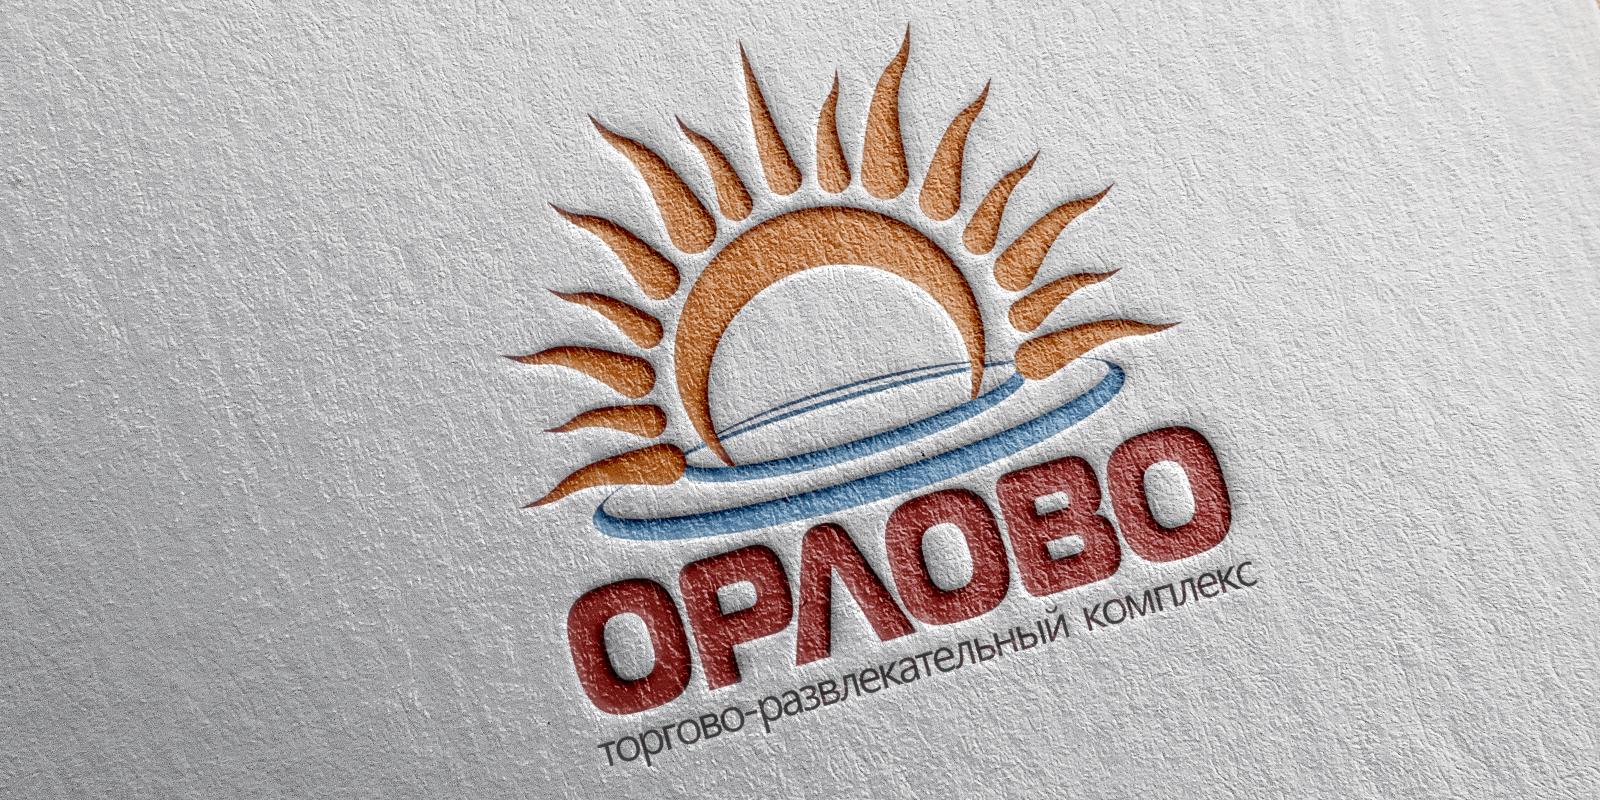 Разработка логотипа для Торгово-развлекательного комплекса фото f_3725967fc525c506.jpg